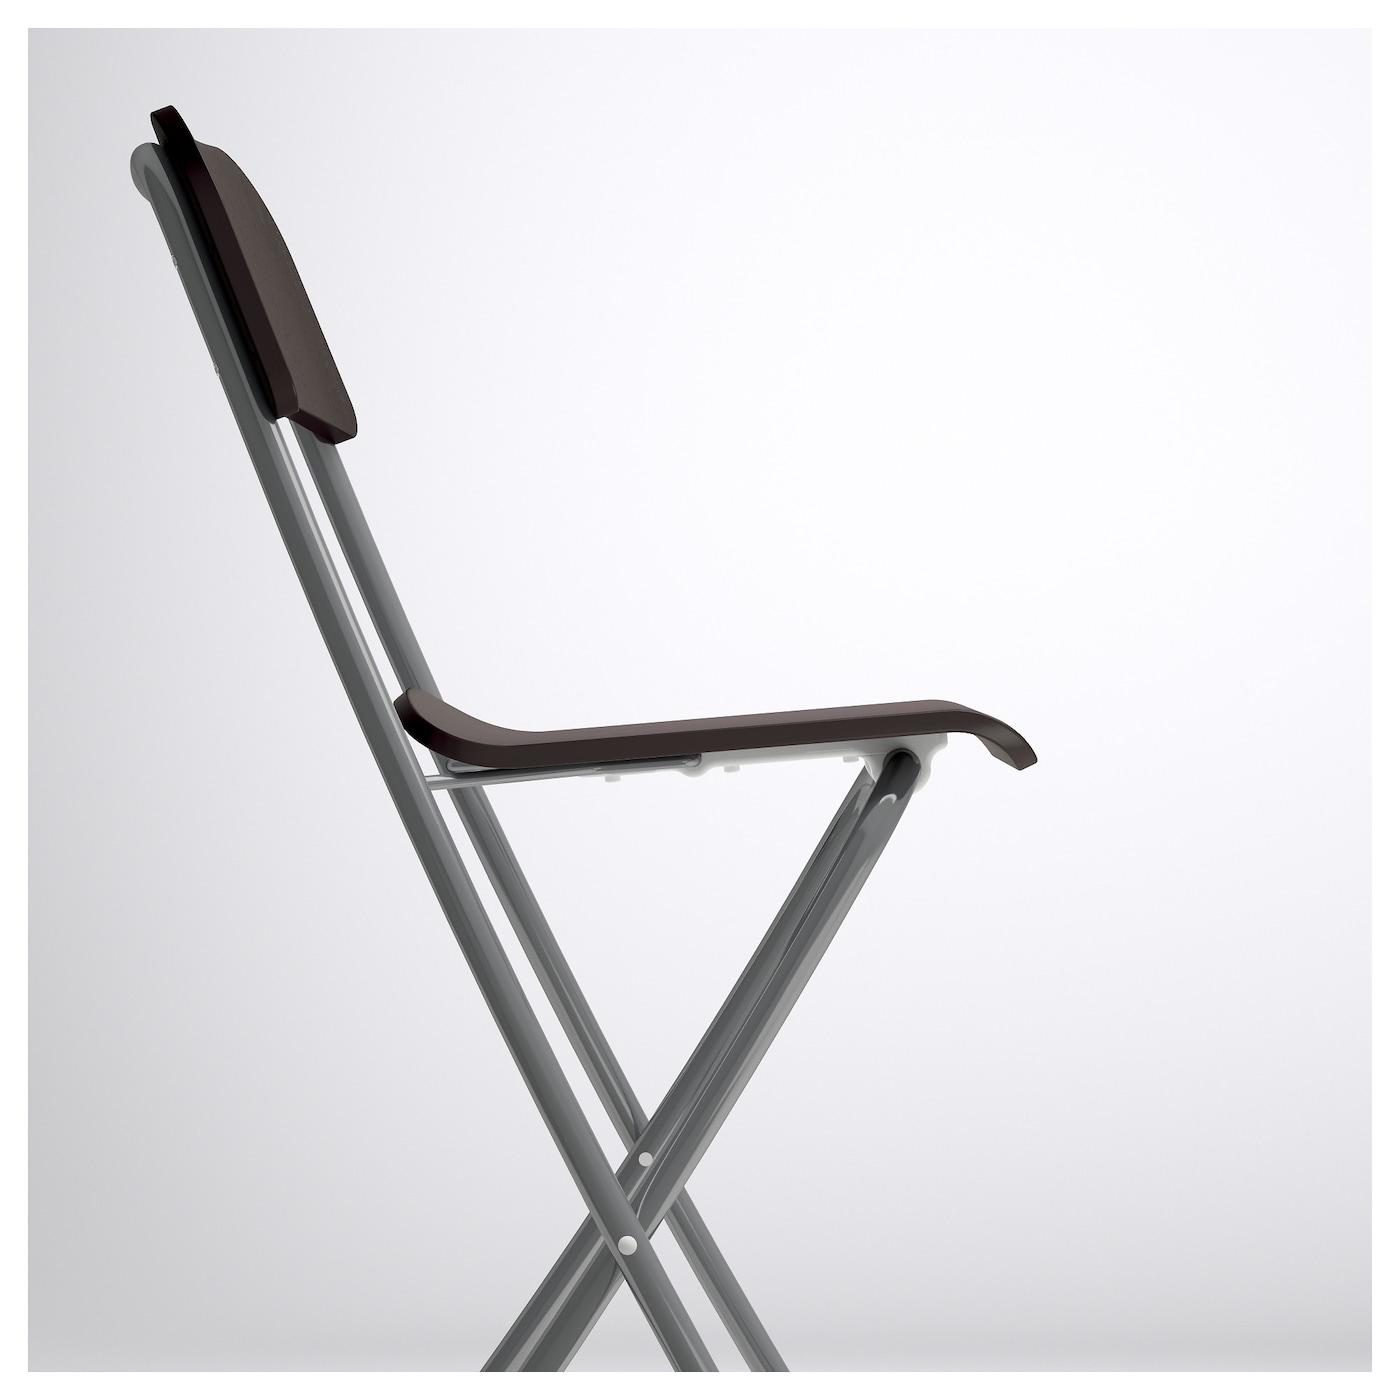 franklin bar stool with backrest foldable brown black